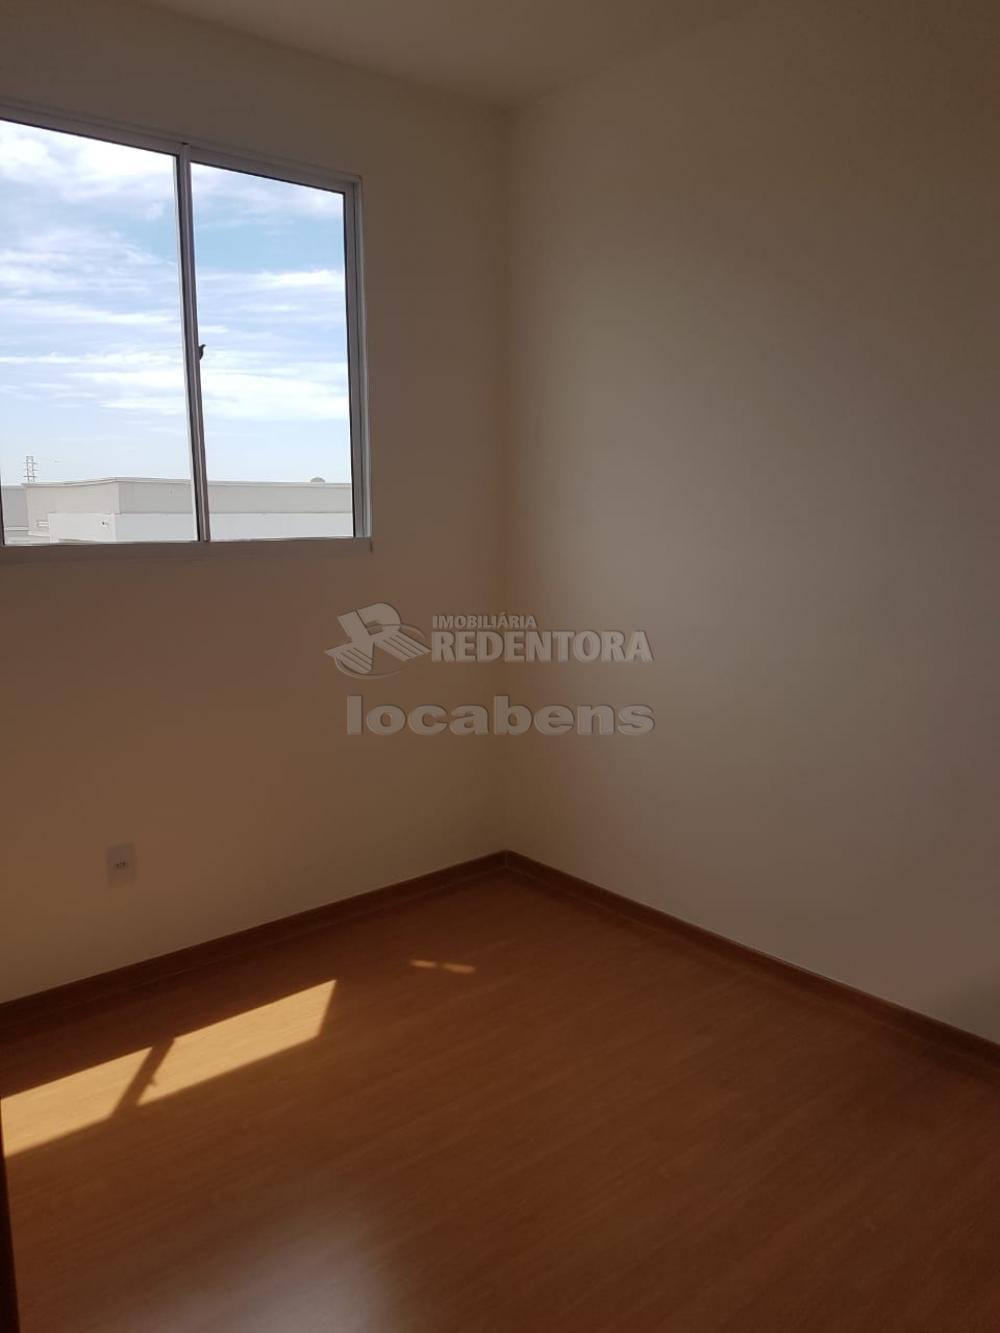 Alugar Apartamento / Padrão em São José do Rio Preto R$ 600,00 - Foto 5